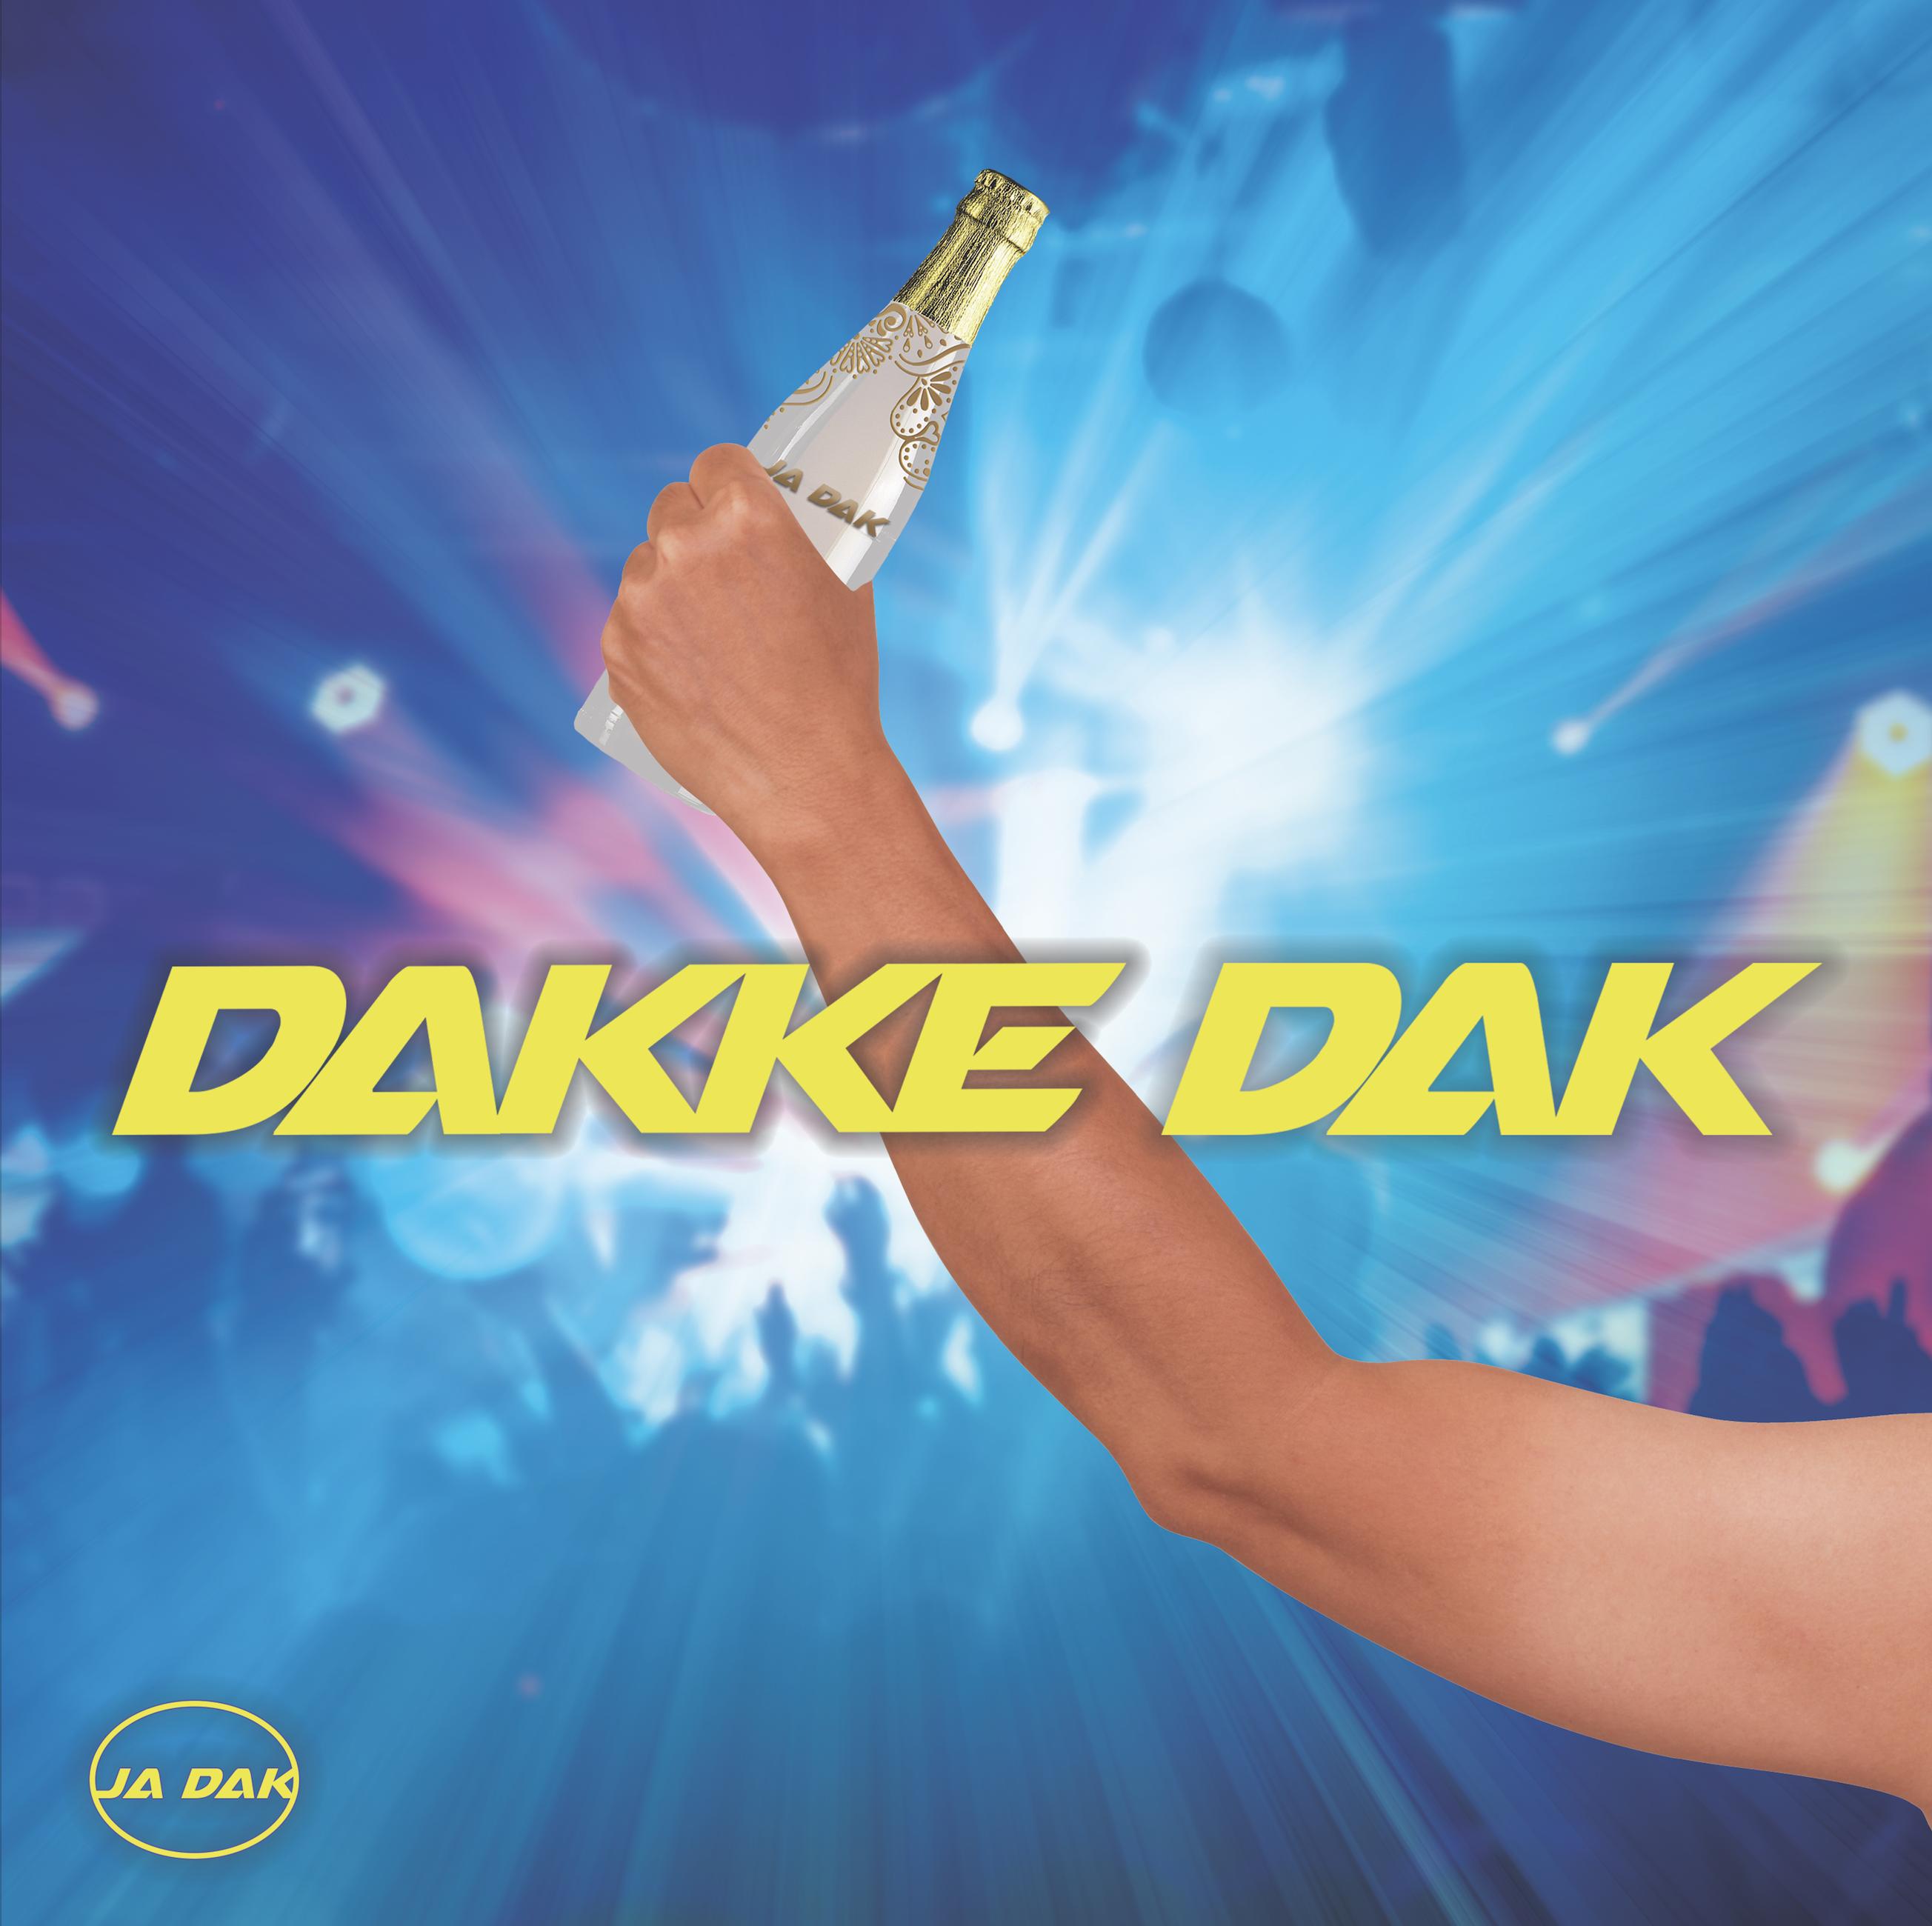 Ja Dak Dakke Dak